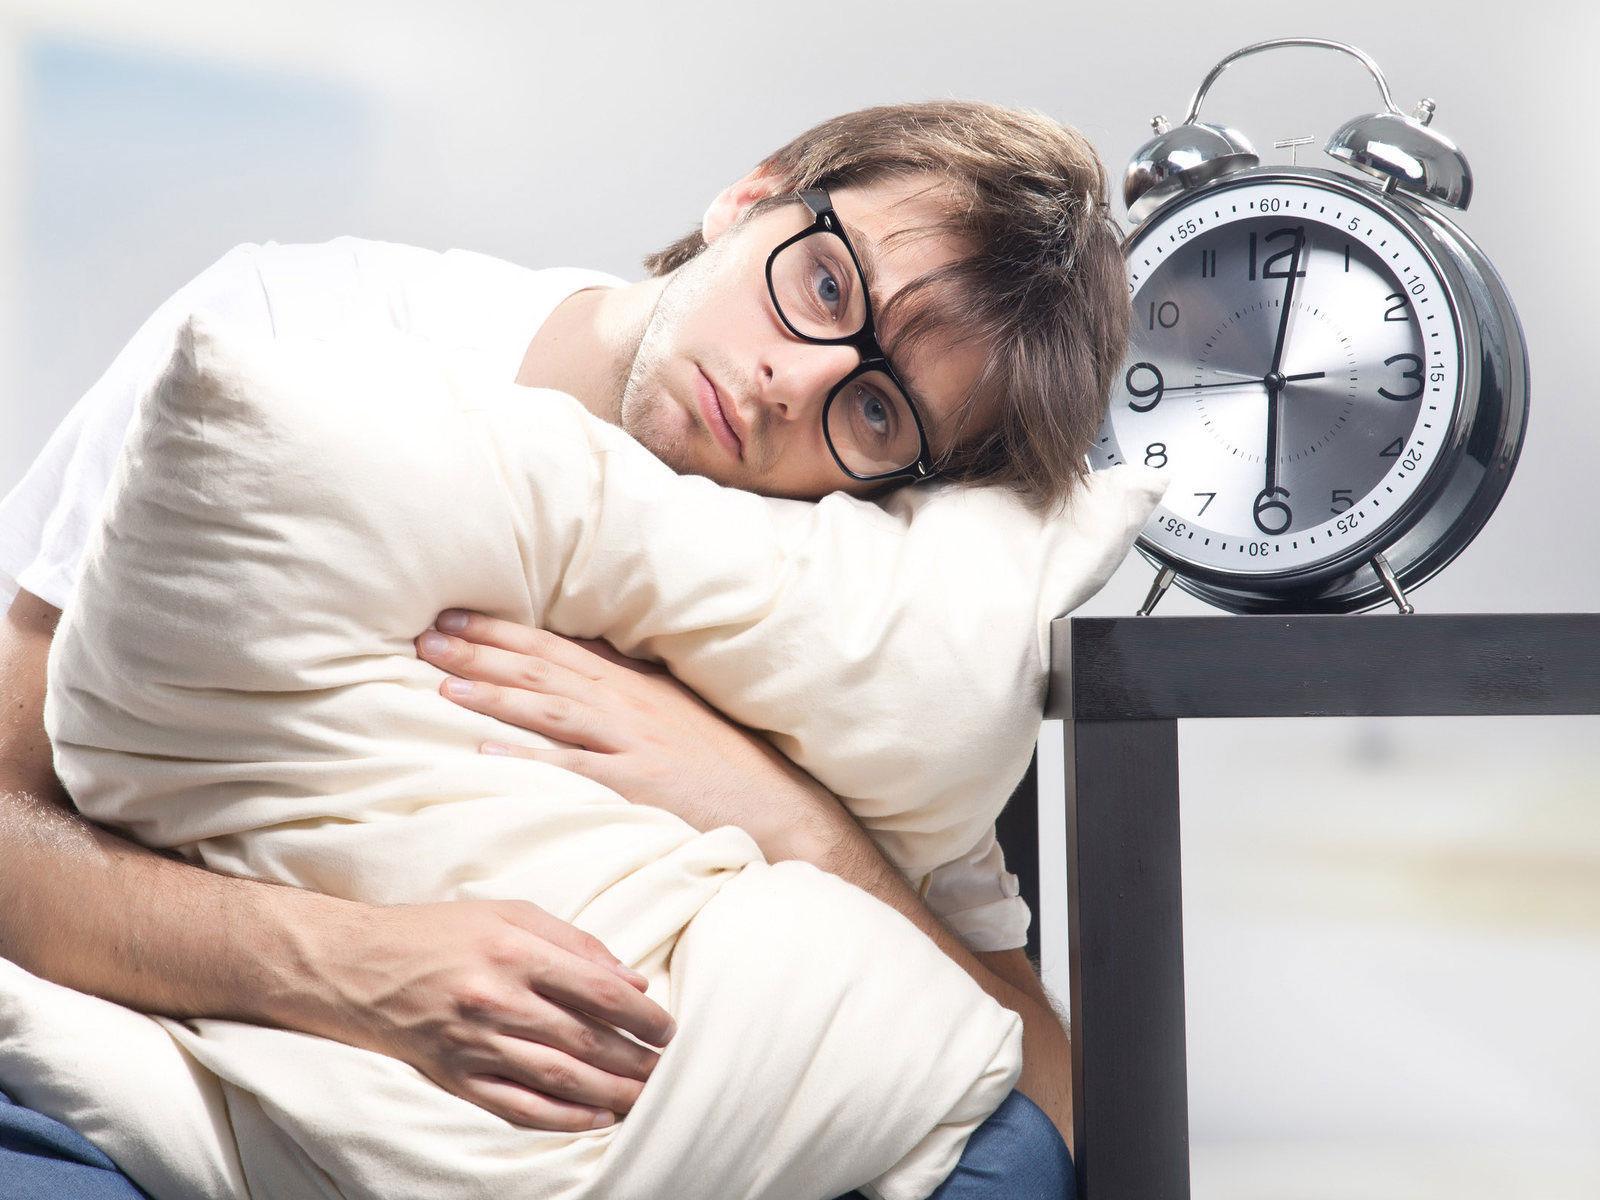 SAGLIK-ICIN4-uykusuzluk